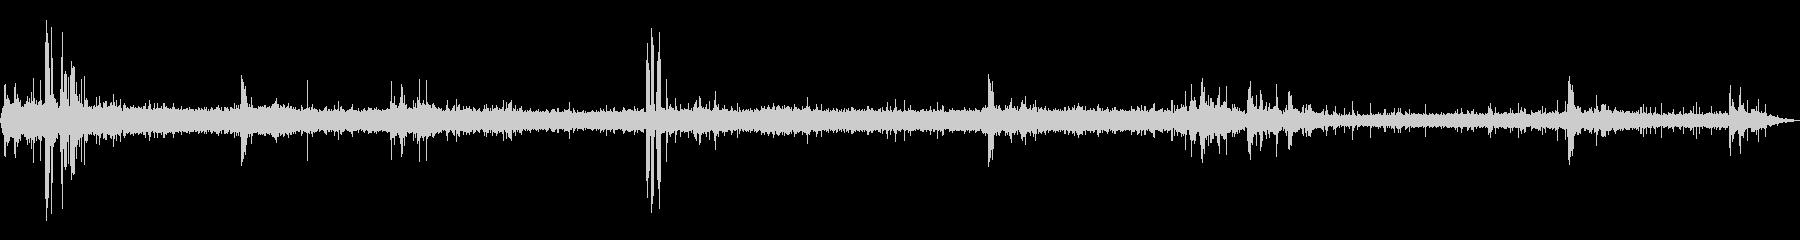 [生録音]雷雨(ゲリラ豪雨)の環境音01の未再生の波形